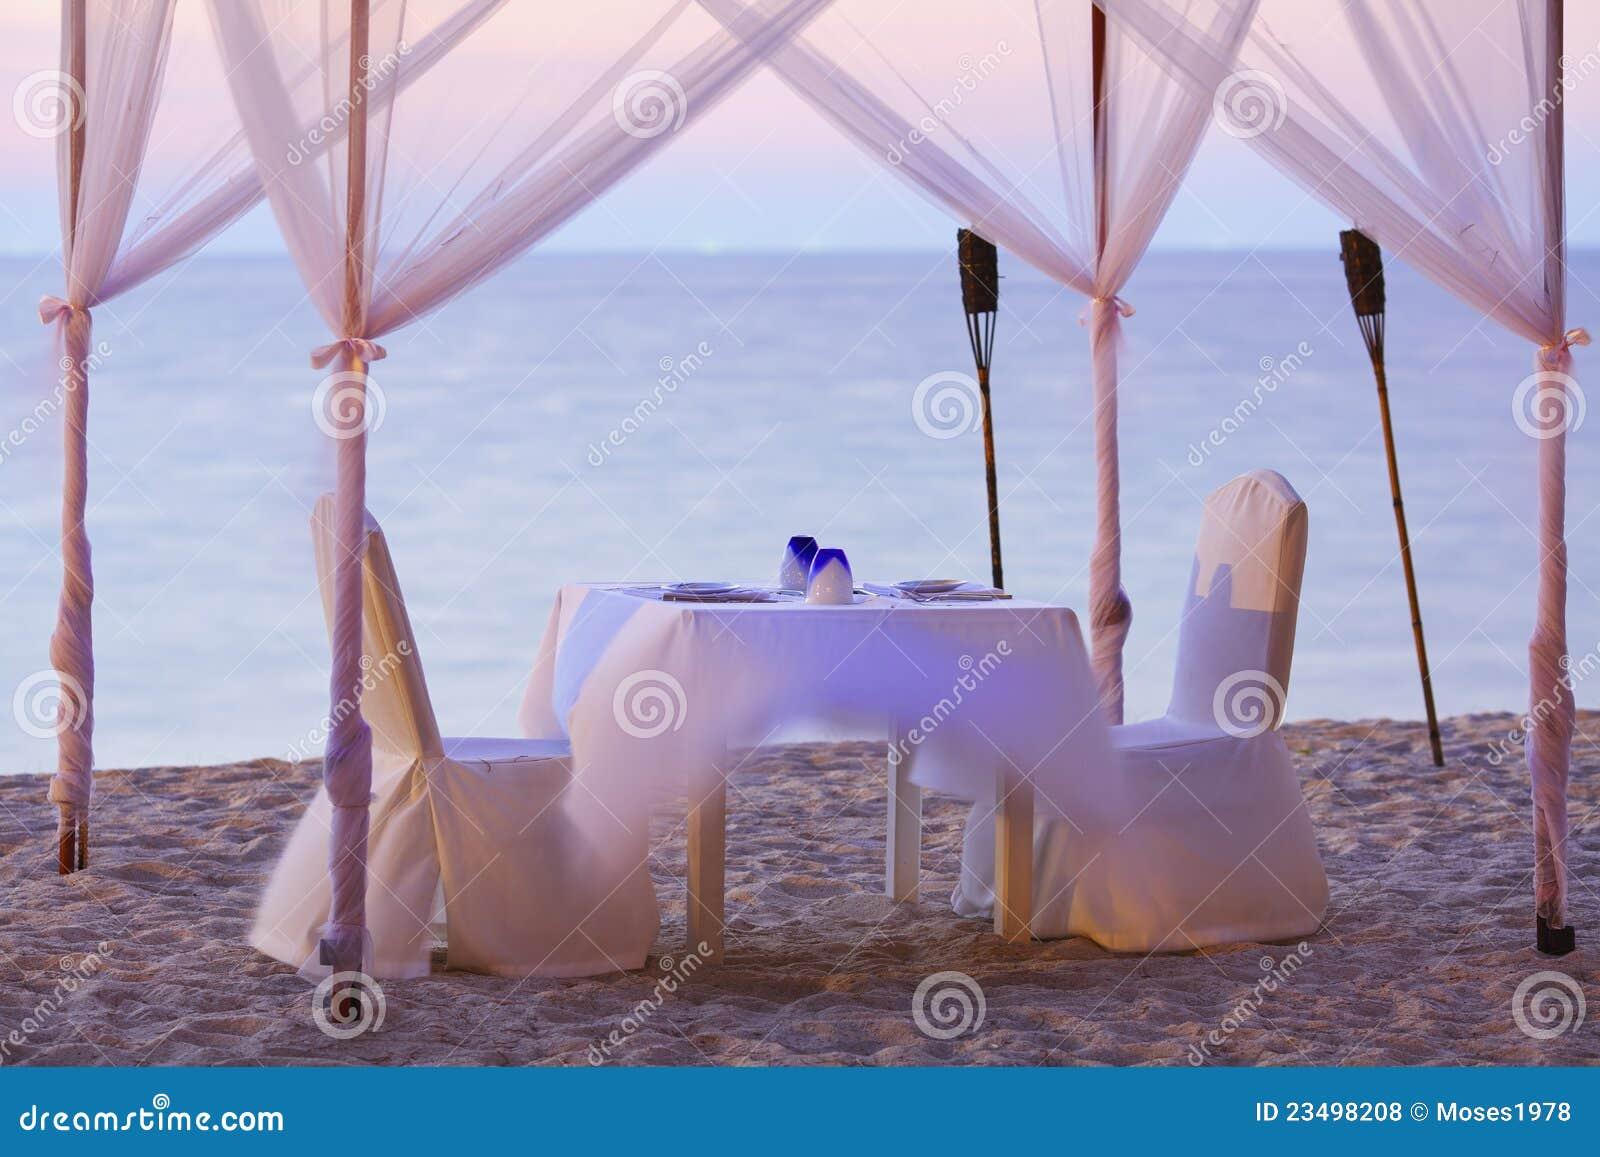 Un buon posto per il pranzo romantico fotografie stock for Mobilia frasi